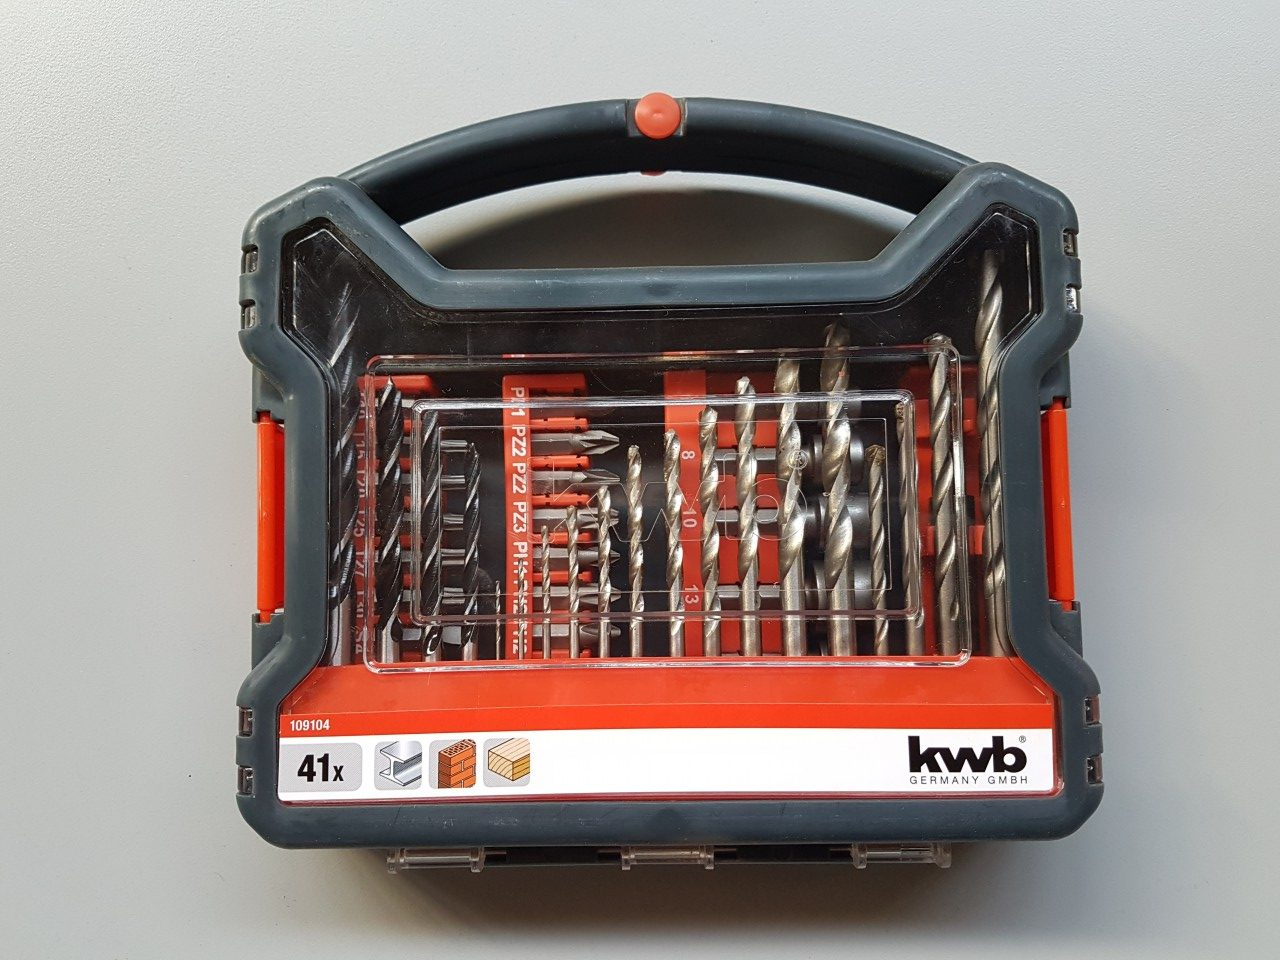 KWB bit-borenset KWB bit-borenset